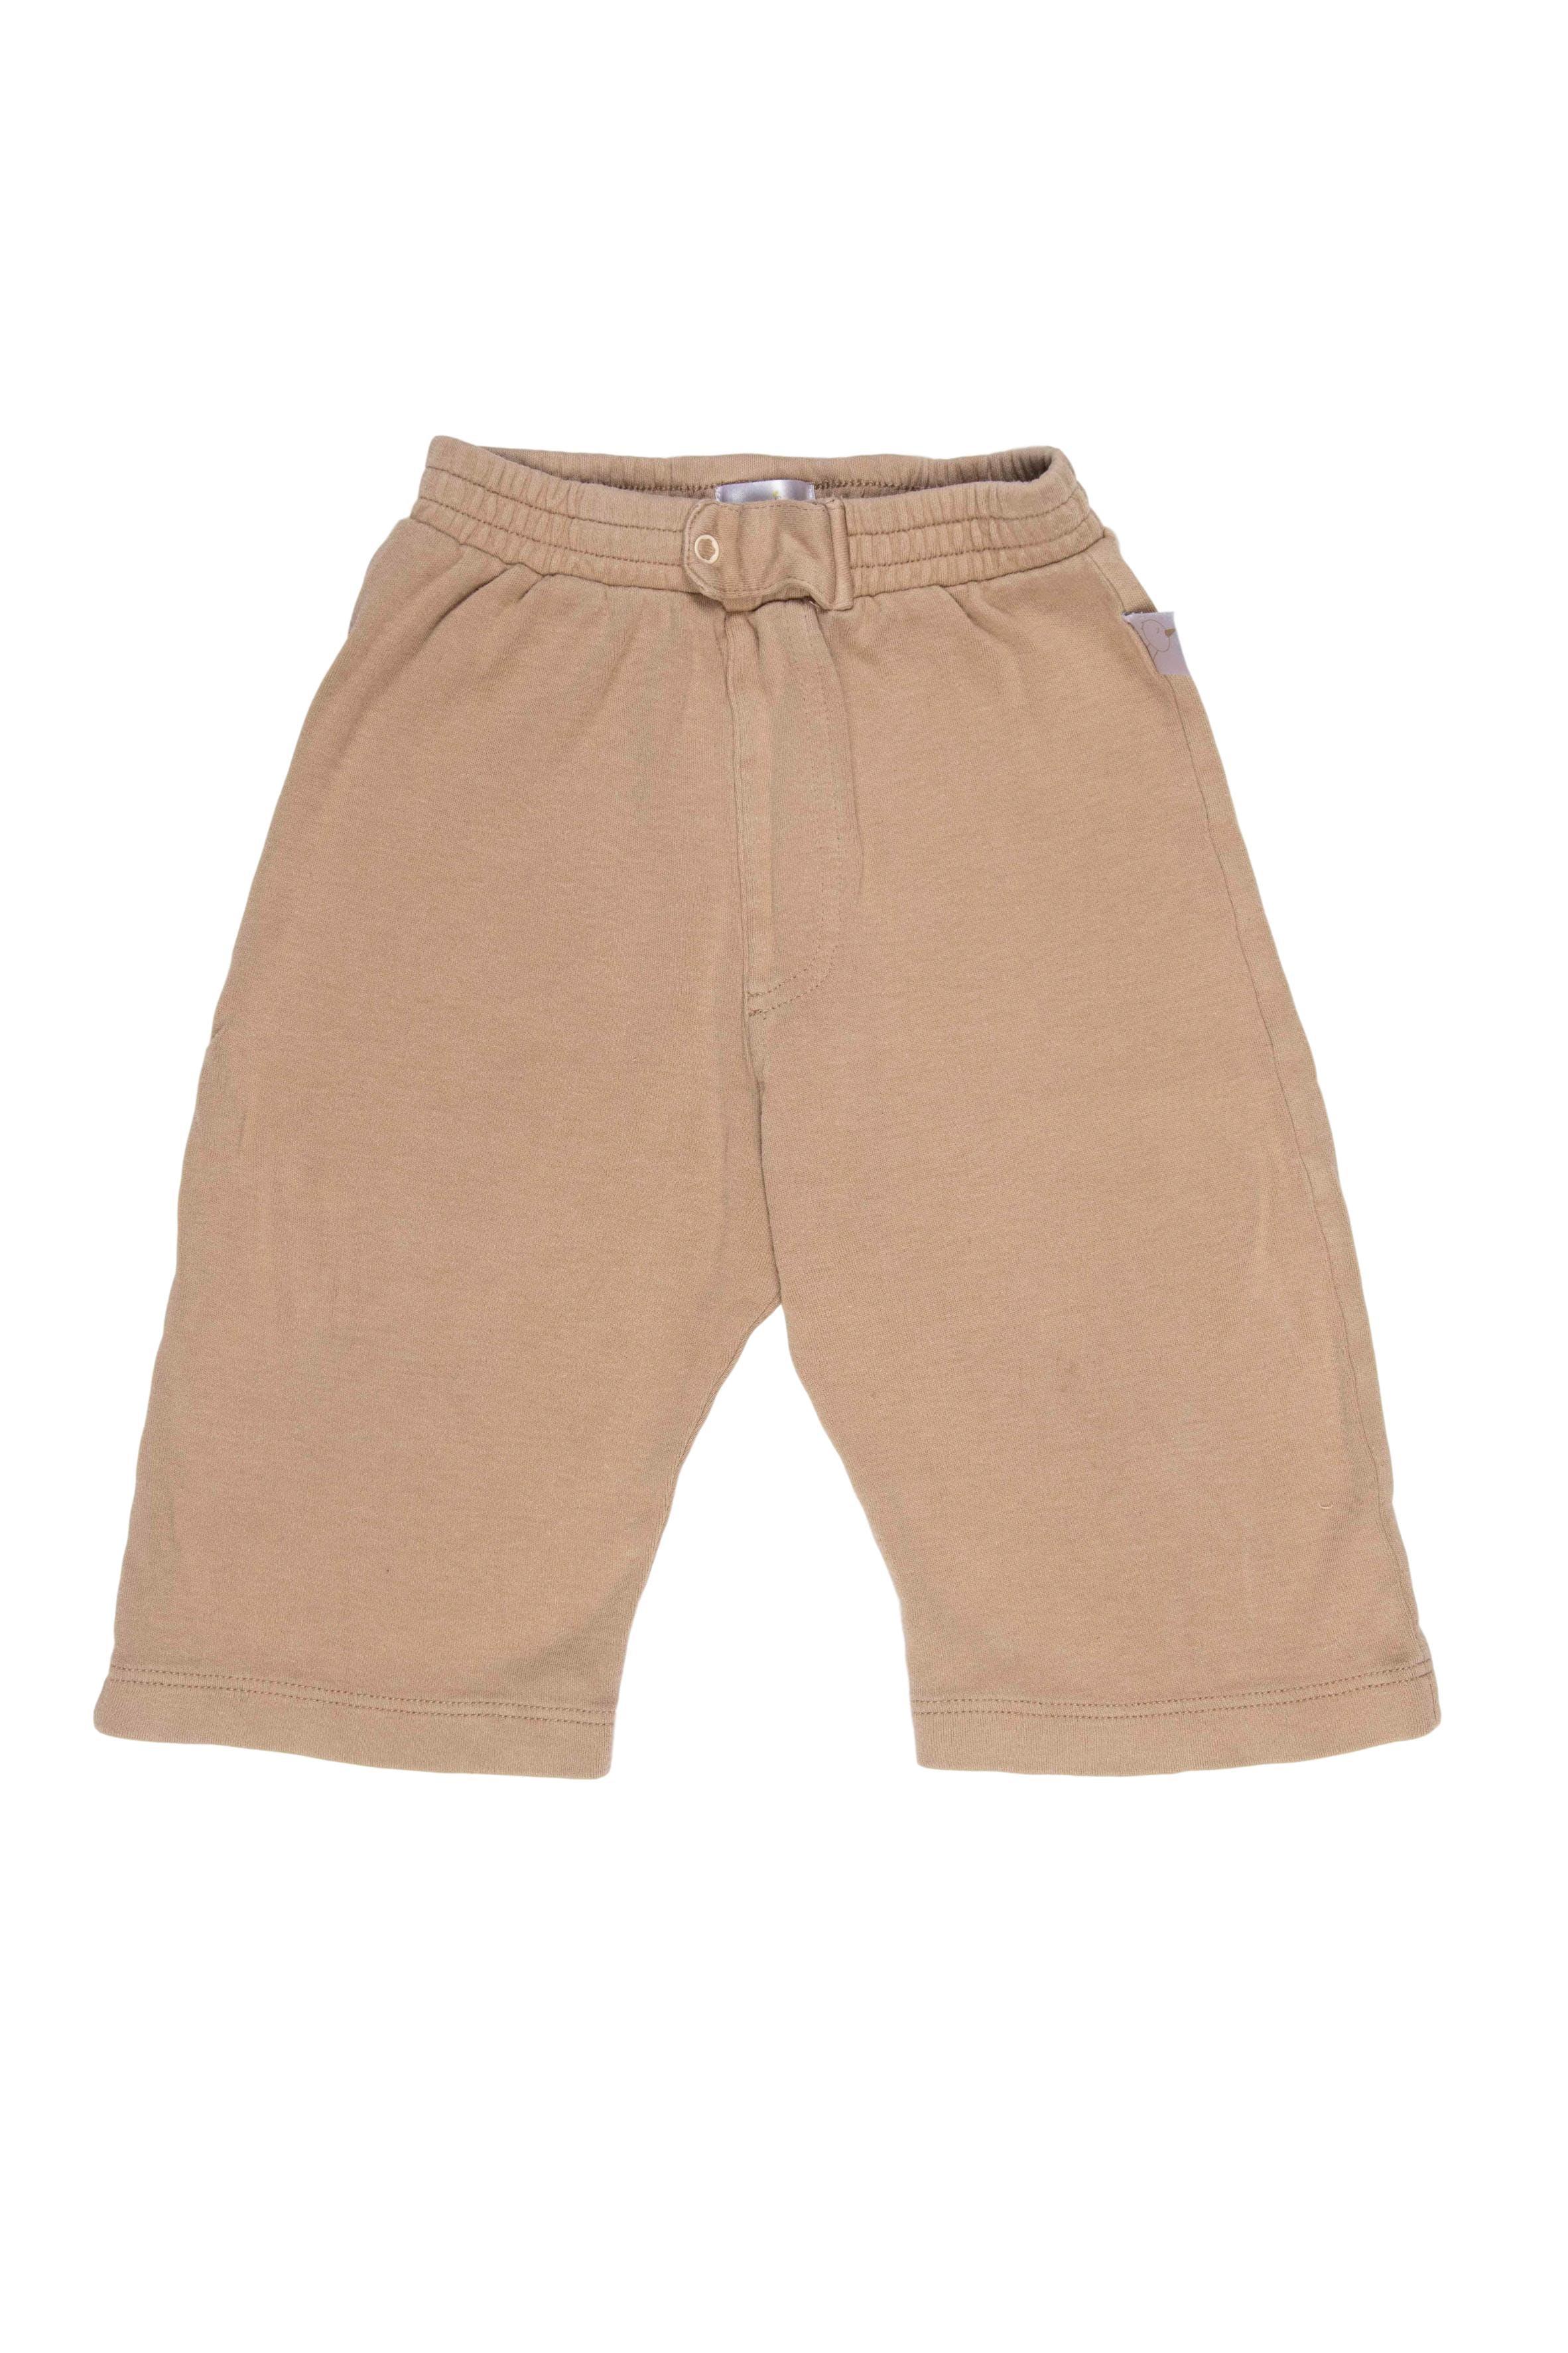 Pantalón marrón claro de algodón, broche delantero, suelto y corto. - Baby Zoo